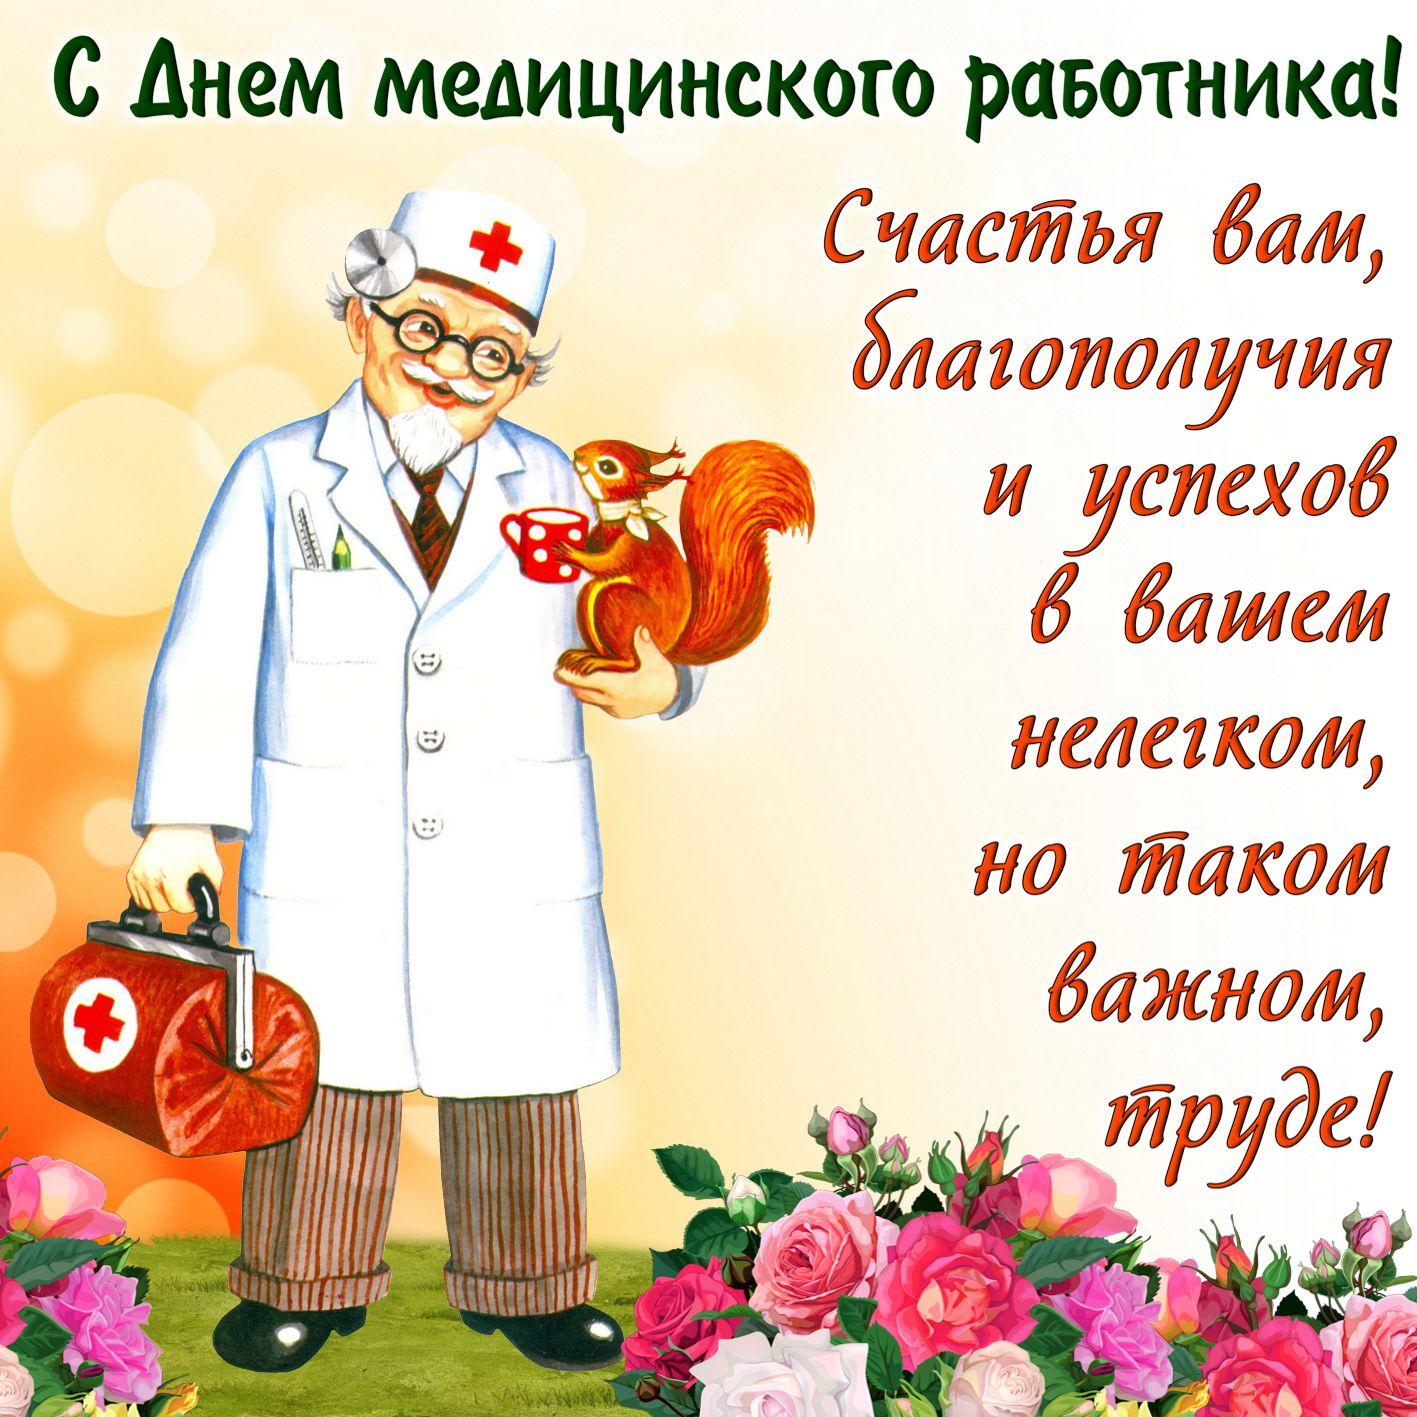 Стихи и поздравления с днем медика